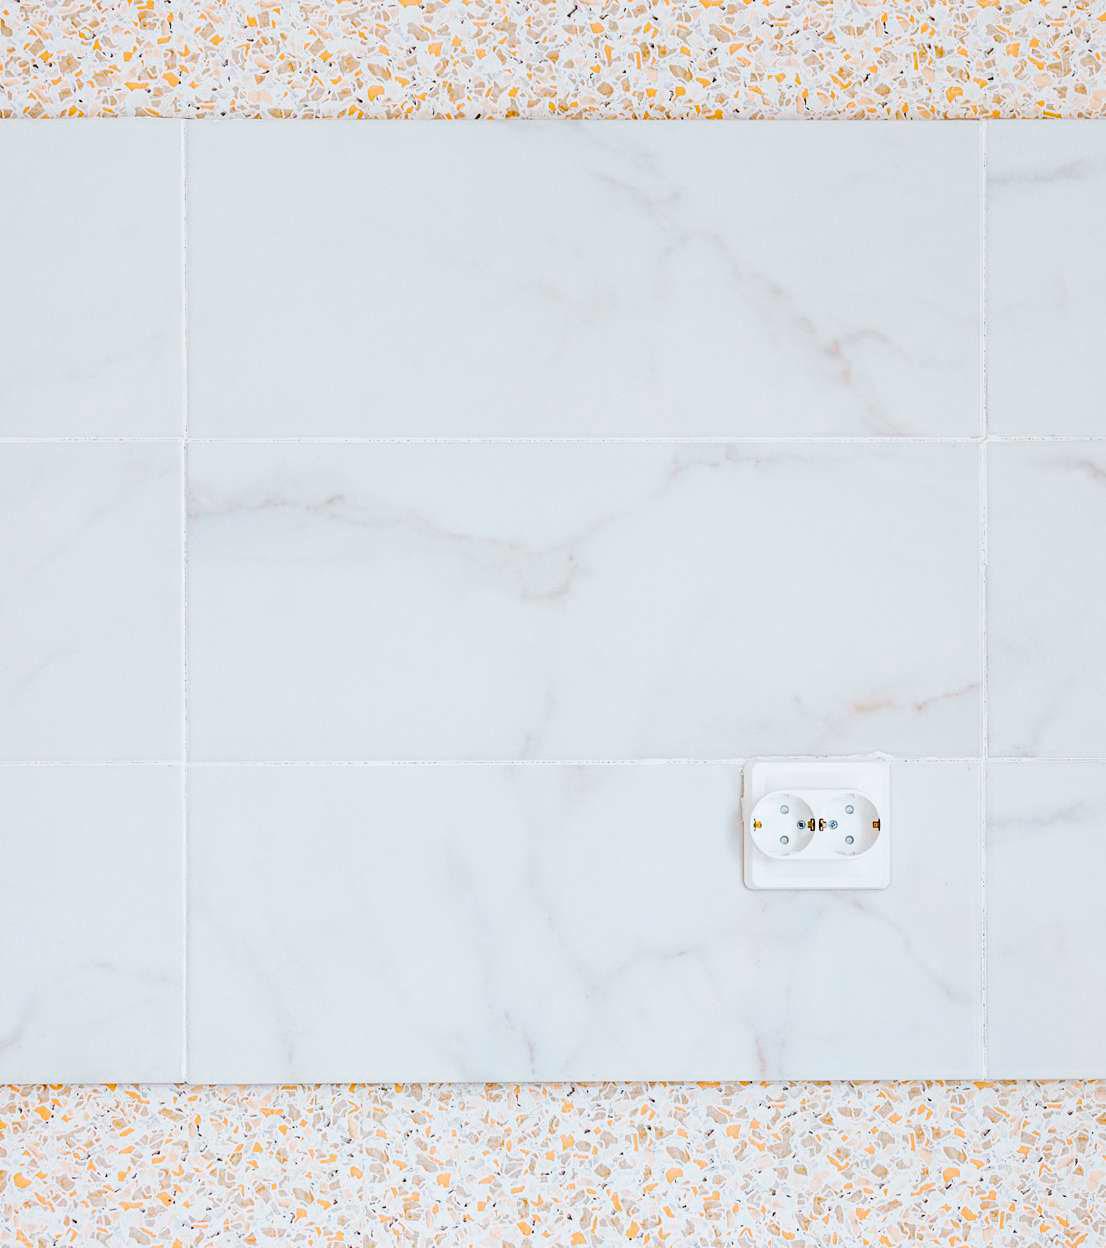 «Фартук изкерамической плитки позволит легко поддерживать кухню вчистоте. Достаточное количество розеток позволит удобно разместить кухонный гарнитур, холодильник идругую бытовую технику»,— говорится вбуклете